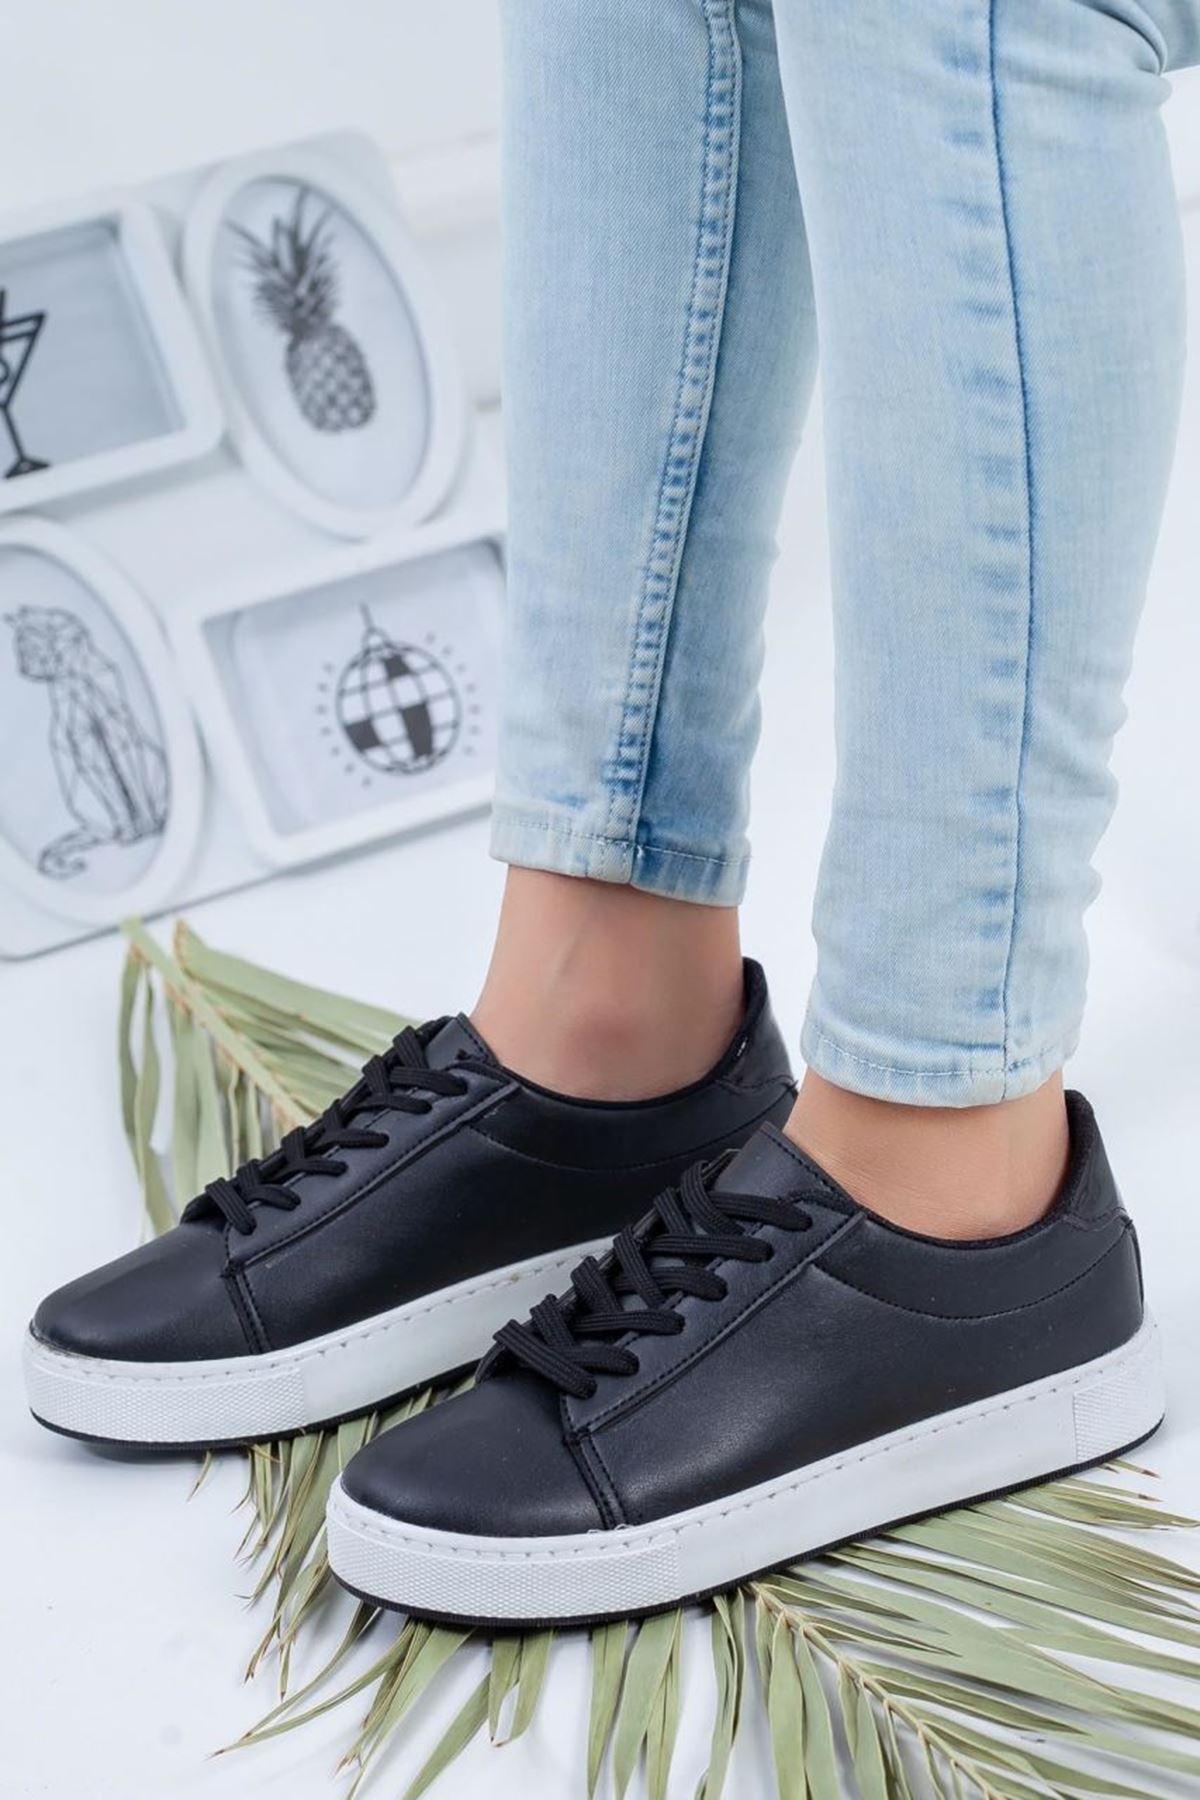 Kadın Dafne Siyah Günlük Ayakkabı